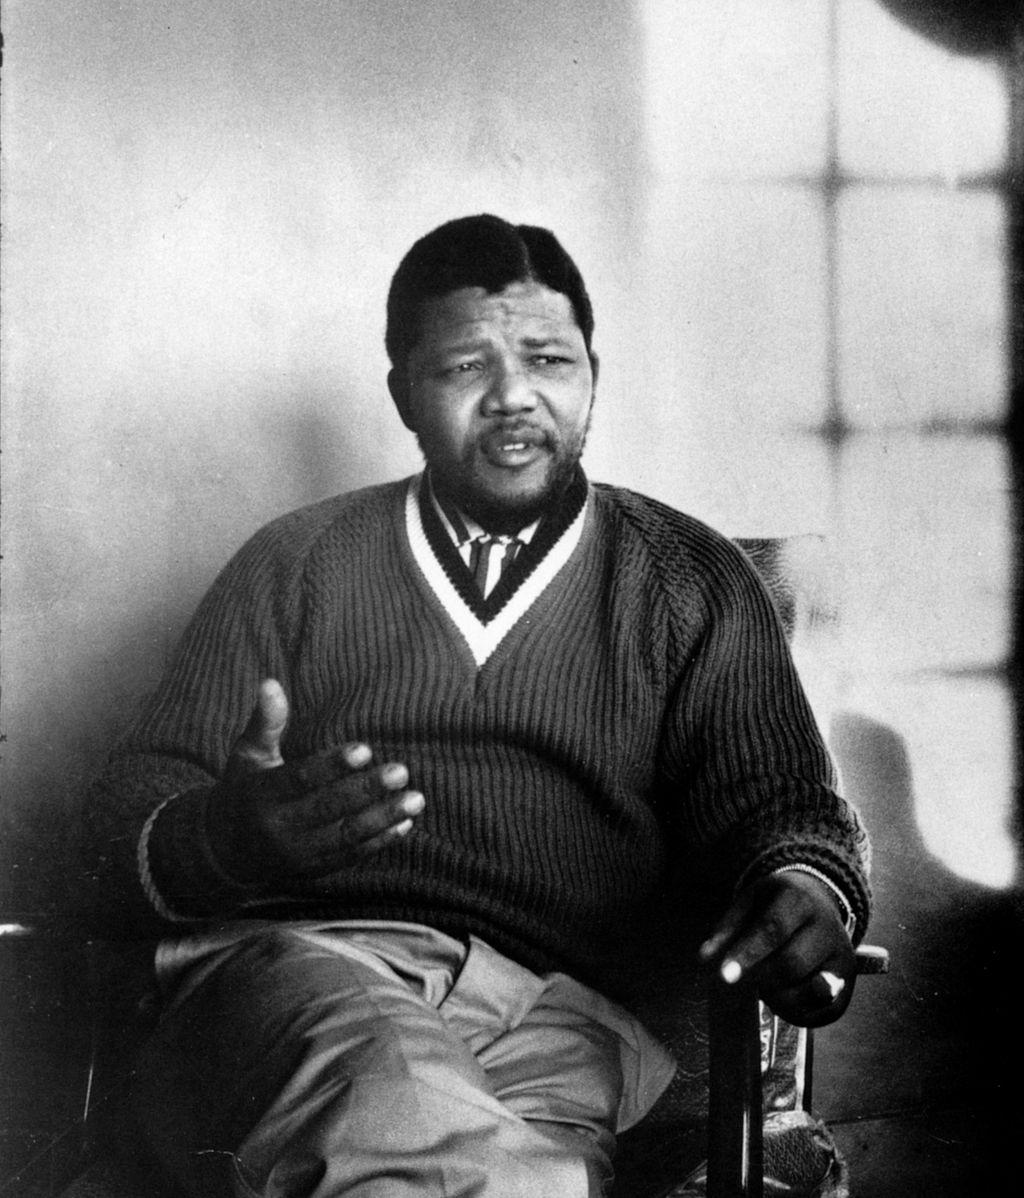 Fue un activo defensor de los derechos de los negros en Sudáfrica